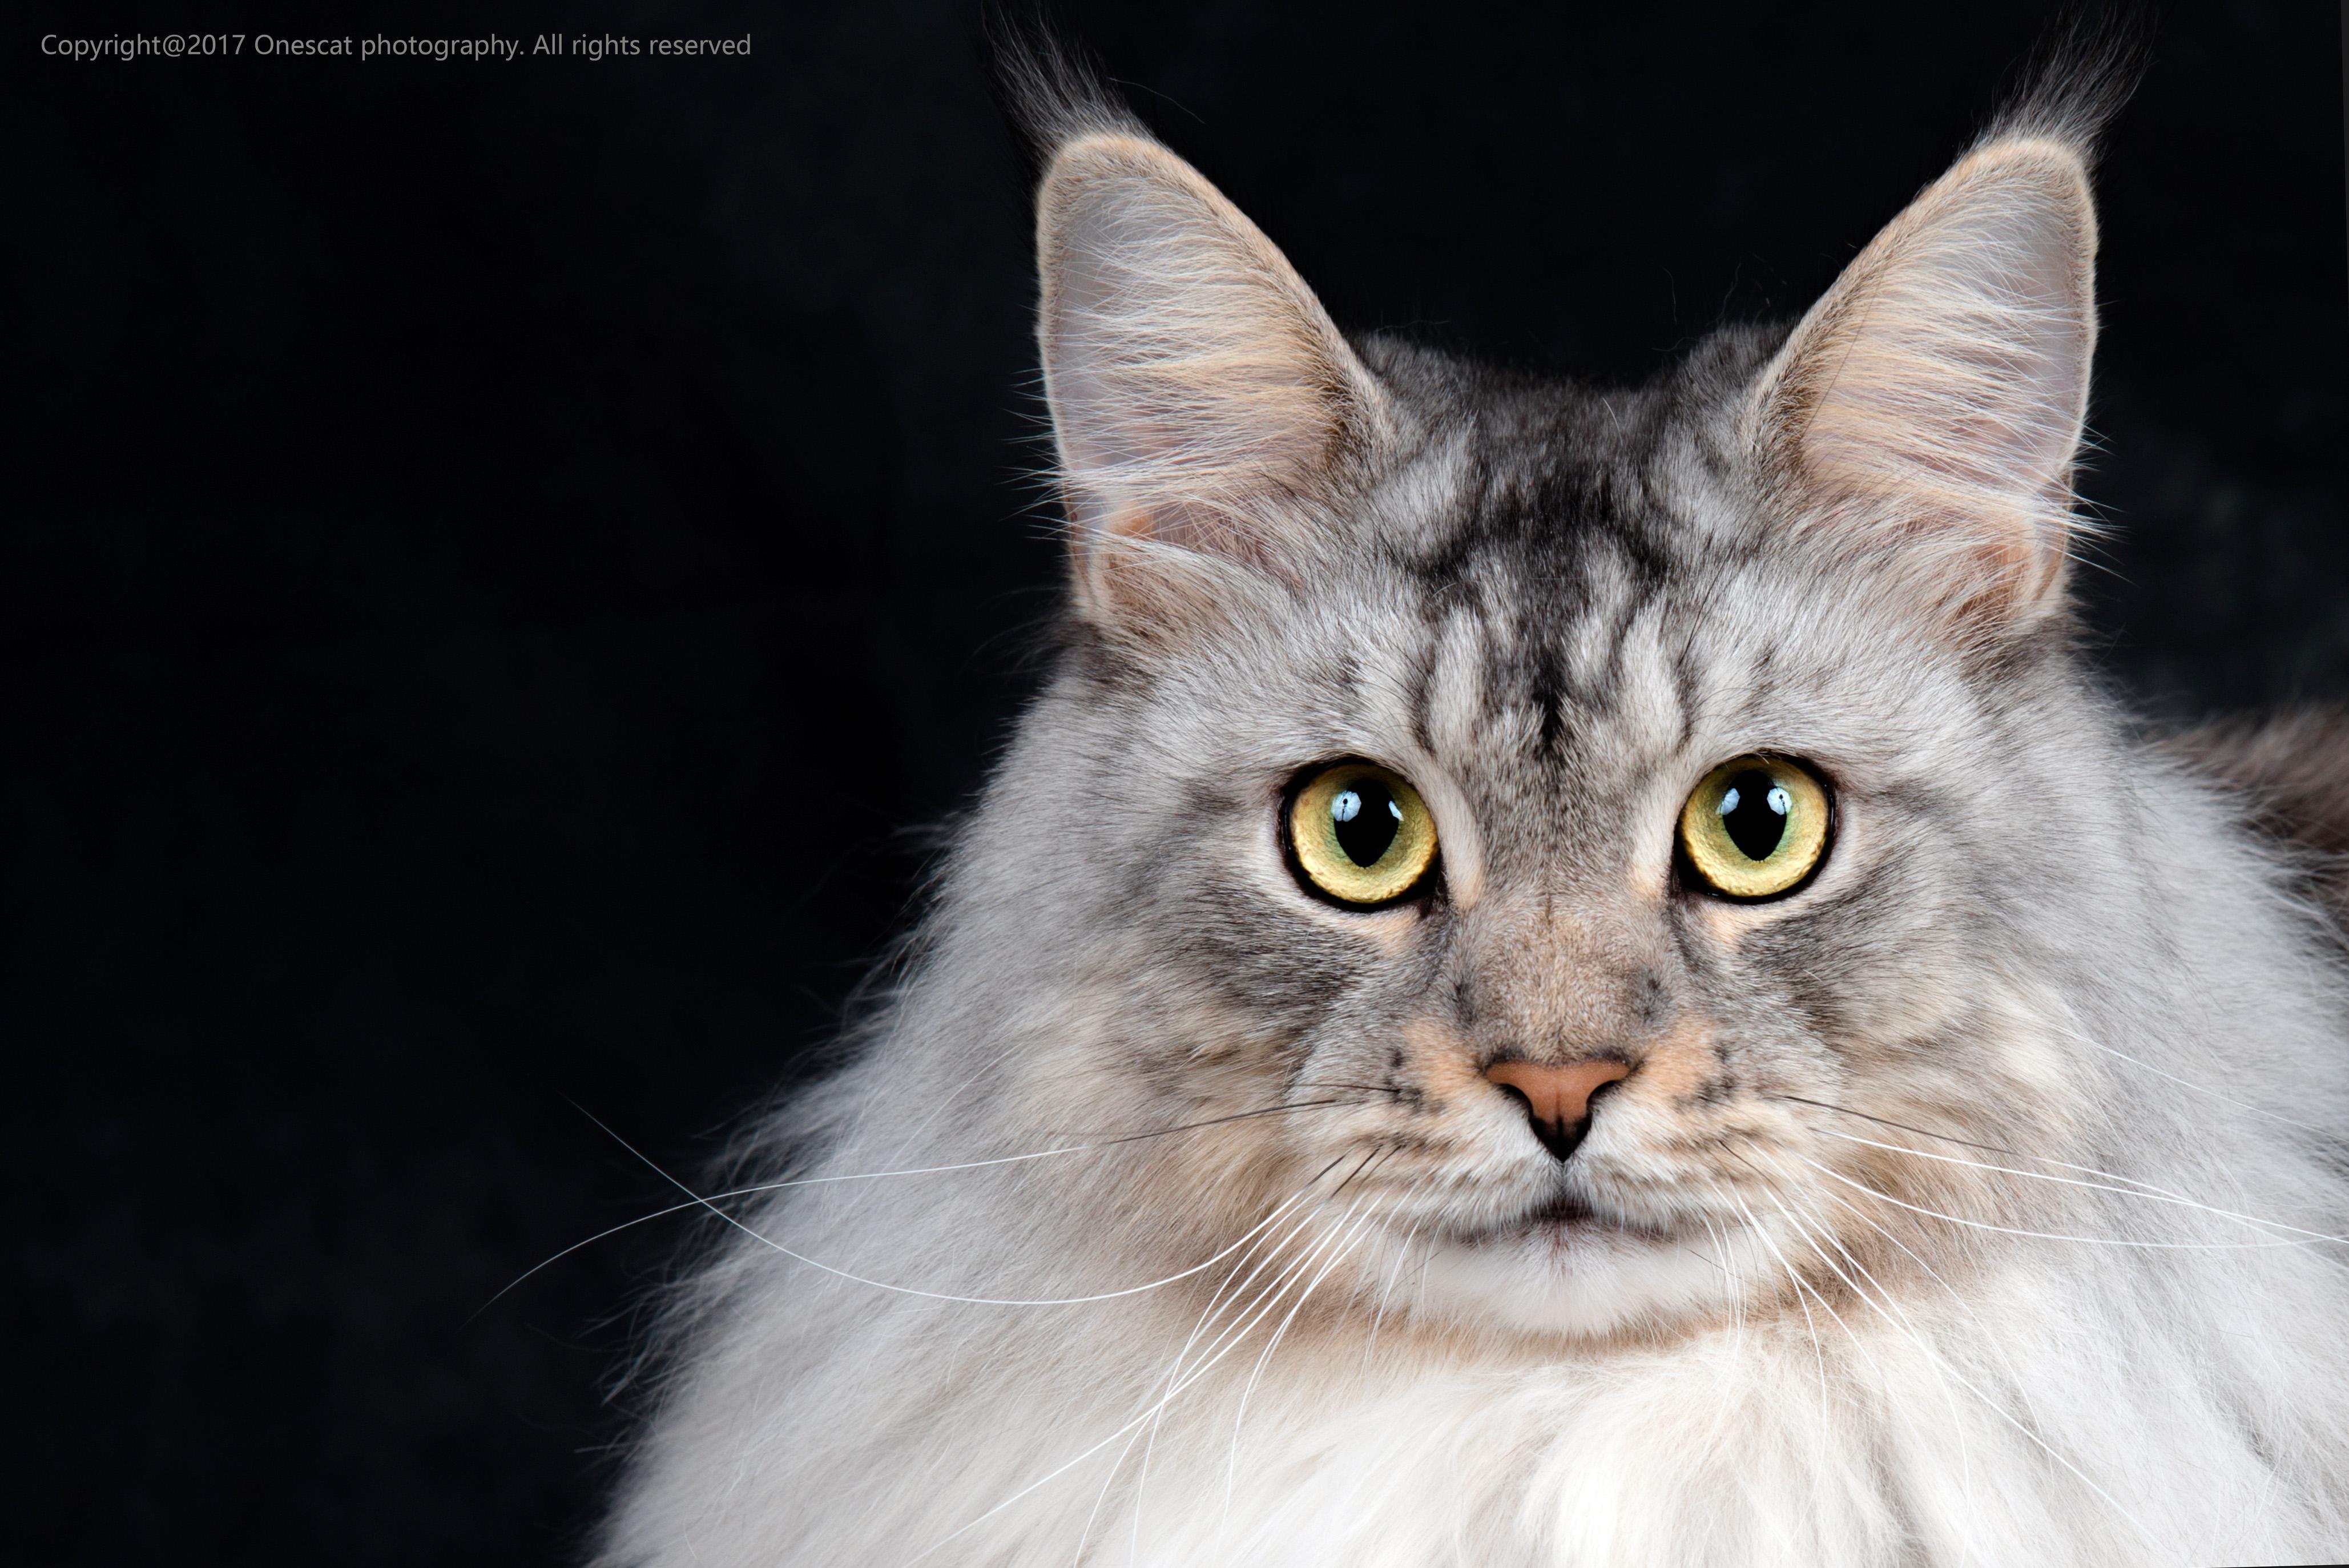 猫眼睛可爱瞳孔放大